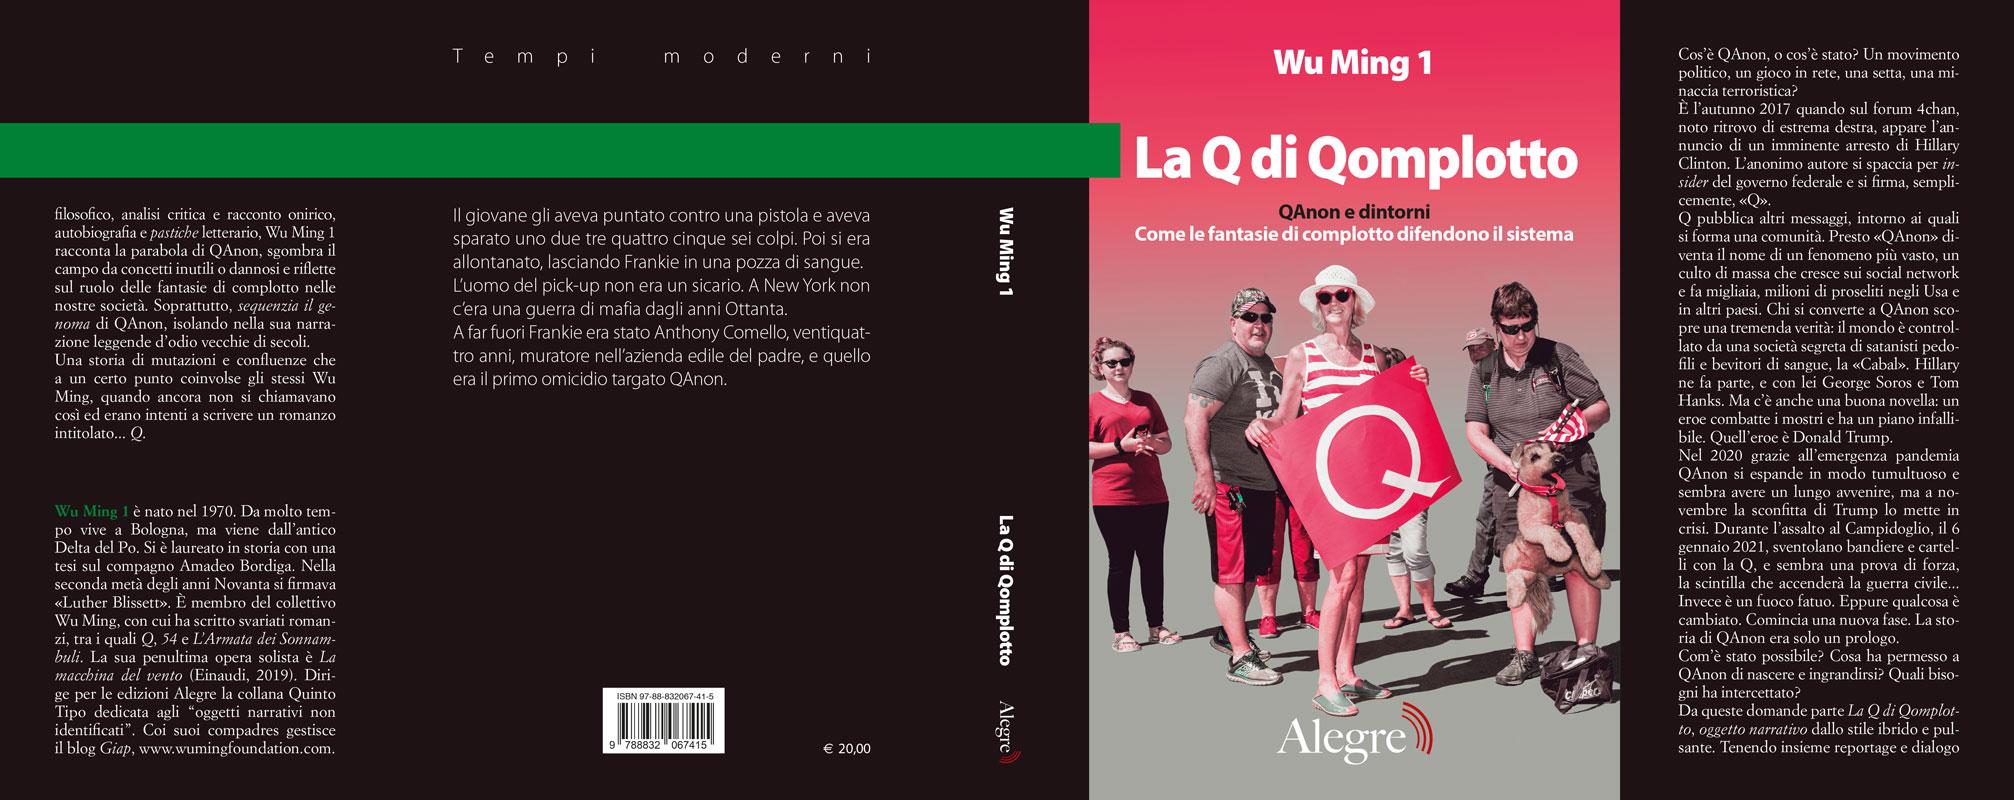 La_Q_di_Qomplotto-Cover_stesa